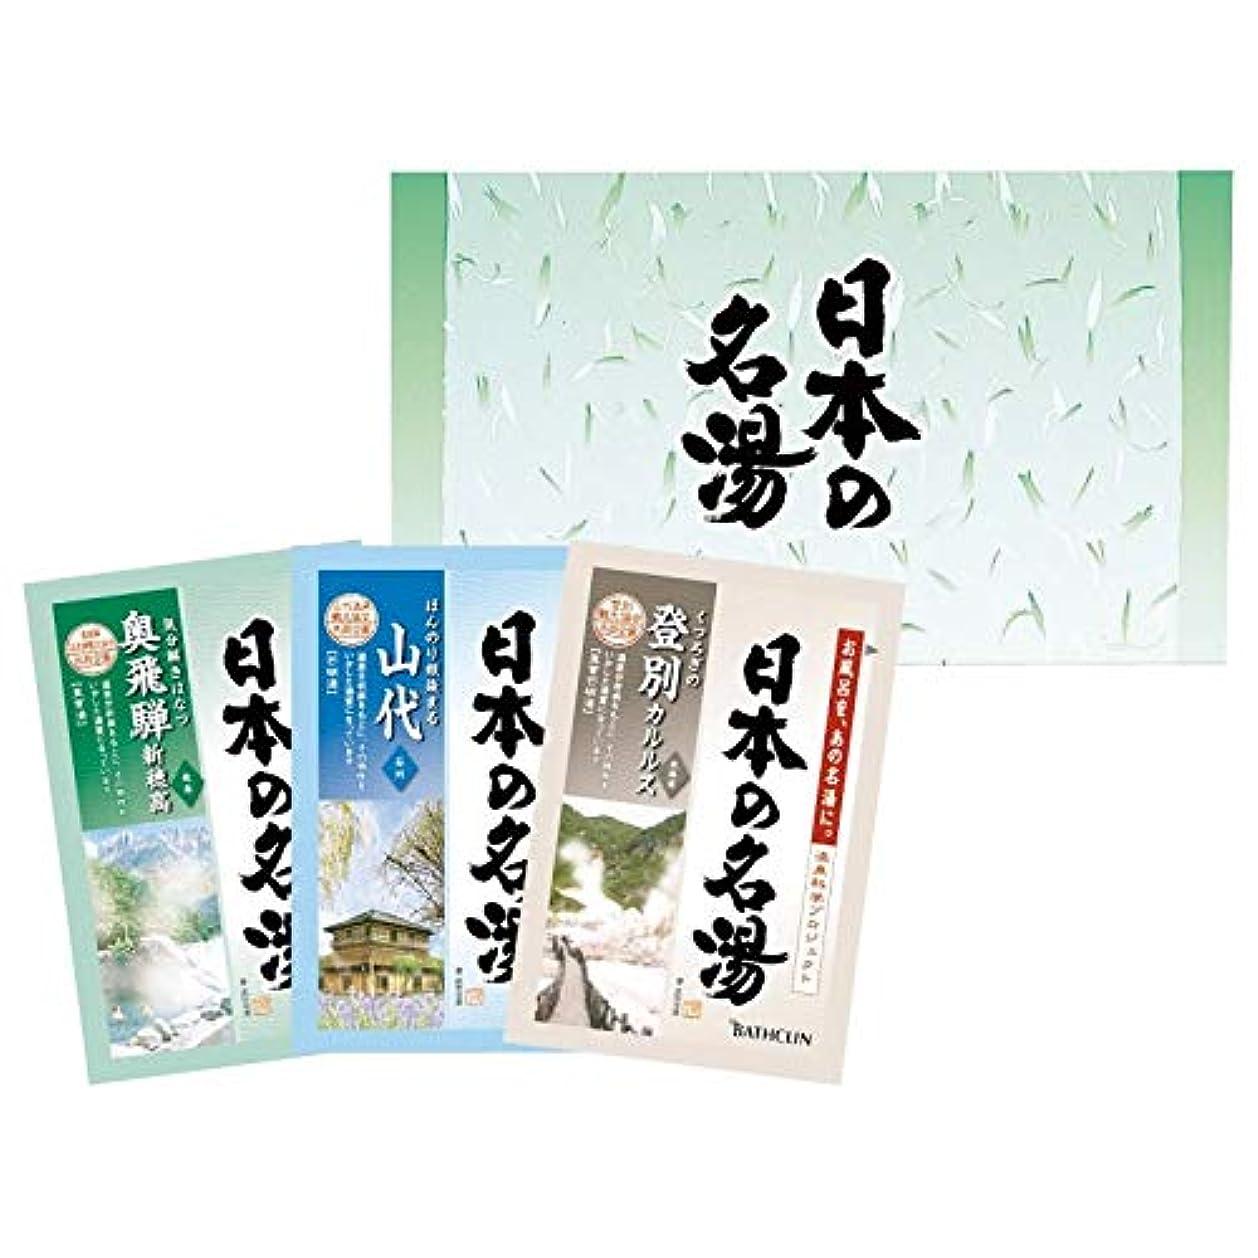 意気消沈した私の怖がって死ぬバスクリン 日本の名湯 3包セット OT-2D 【お風呂 つめあわせ お楽しみ お試し 入浴剤 香り リラックス バス用品 日用品 生活品 景品 粗品 販促品 入浴グッズ】